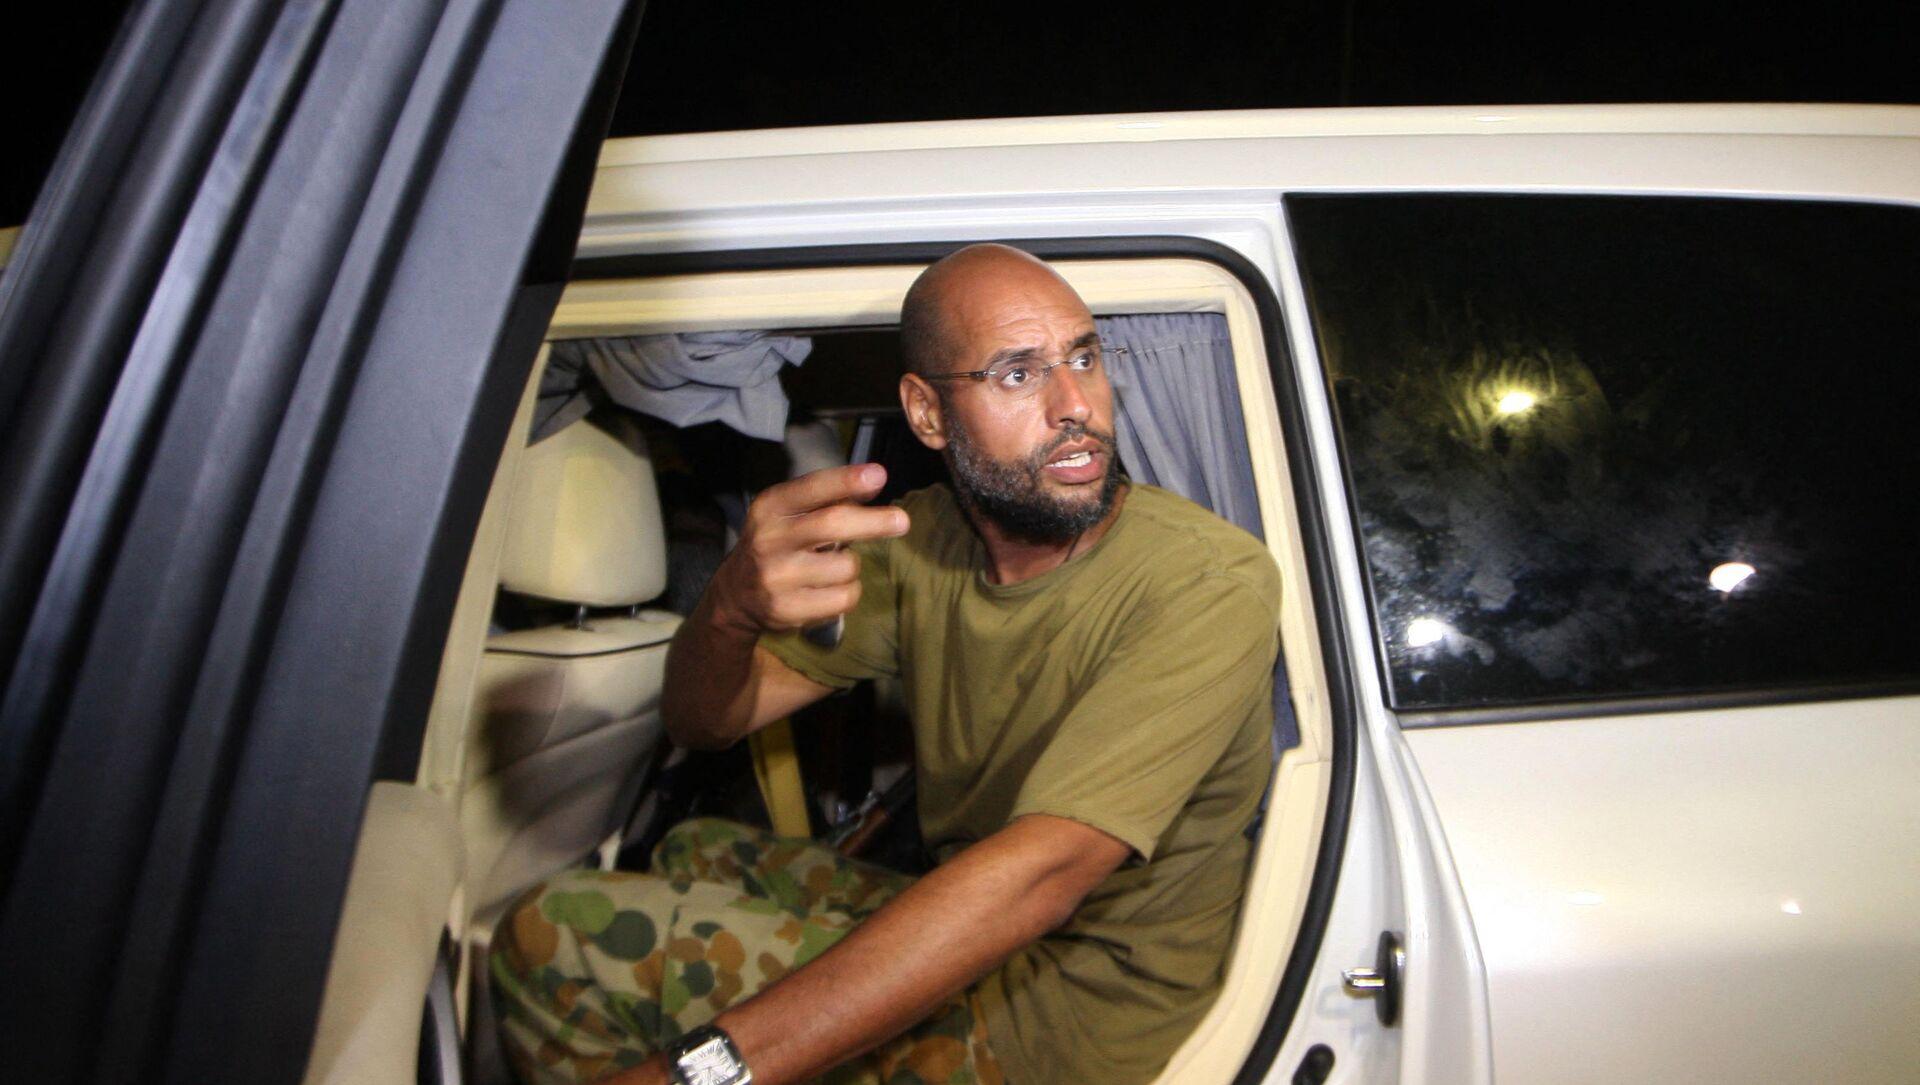 На этой файловой фотографии, сделанной 23 августа 2011 года, изображен Саиф аль-Ислам, сын покойного ливийского диктатора Моамера Каддафи, жестикулирующий, когда он появляется перед сторонниками и журналистами в жилом комплексе своего отца в столице Ливии Триполи в начале часы. - Саиф аль-Ислам Каддафи, которого когда-то считали преемником своего отца, не видел и не слышал публично с тех пор, как десять лет назад он был схвачен в ливийской пустыне. Он разговаривал с международными СМИ и говорит, что хочет стать президентом Ливии. - Sputnik Абхазия, 1920, 04.08.2021